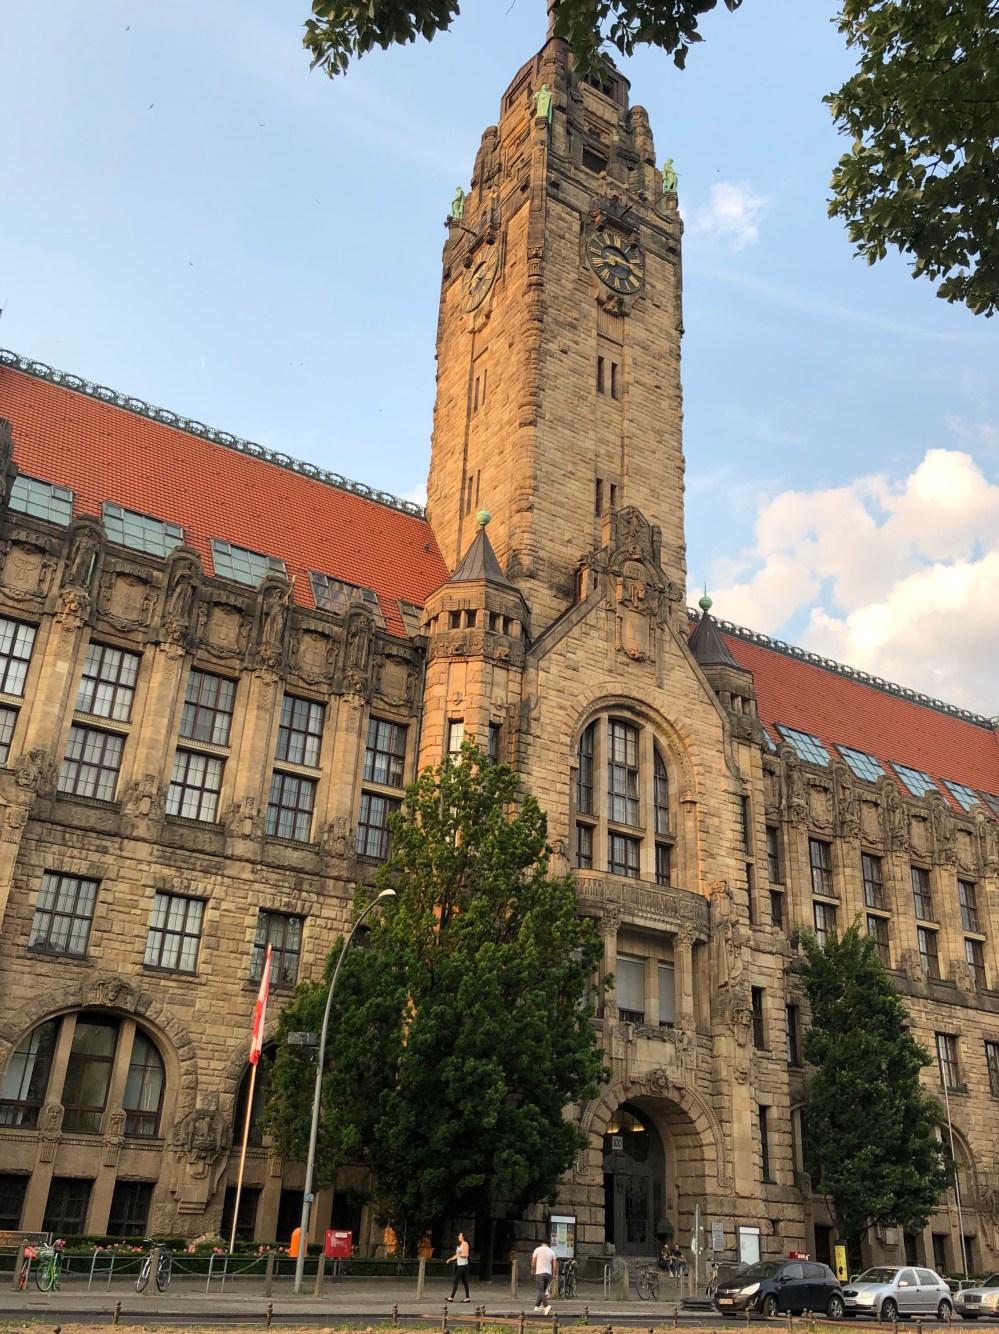 Rathaus Charlottenburg, das von 1899 bis 1905 erbaut wurde